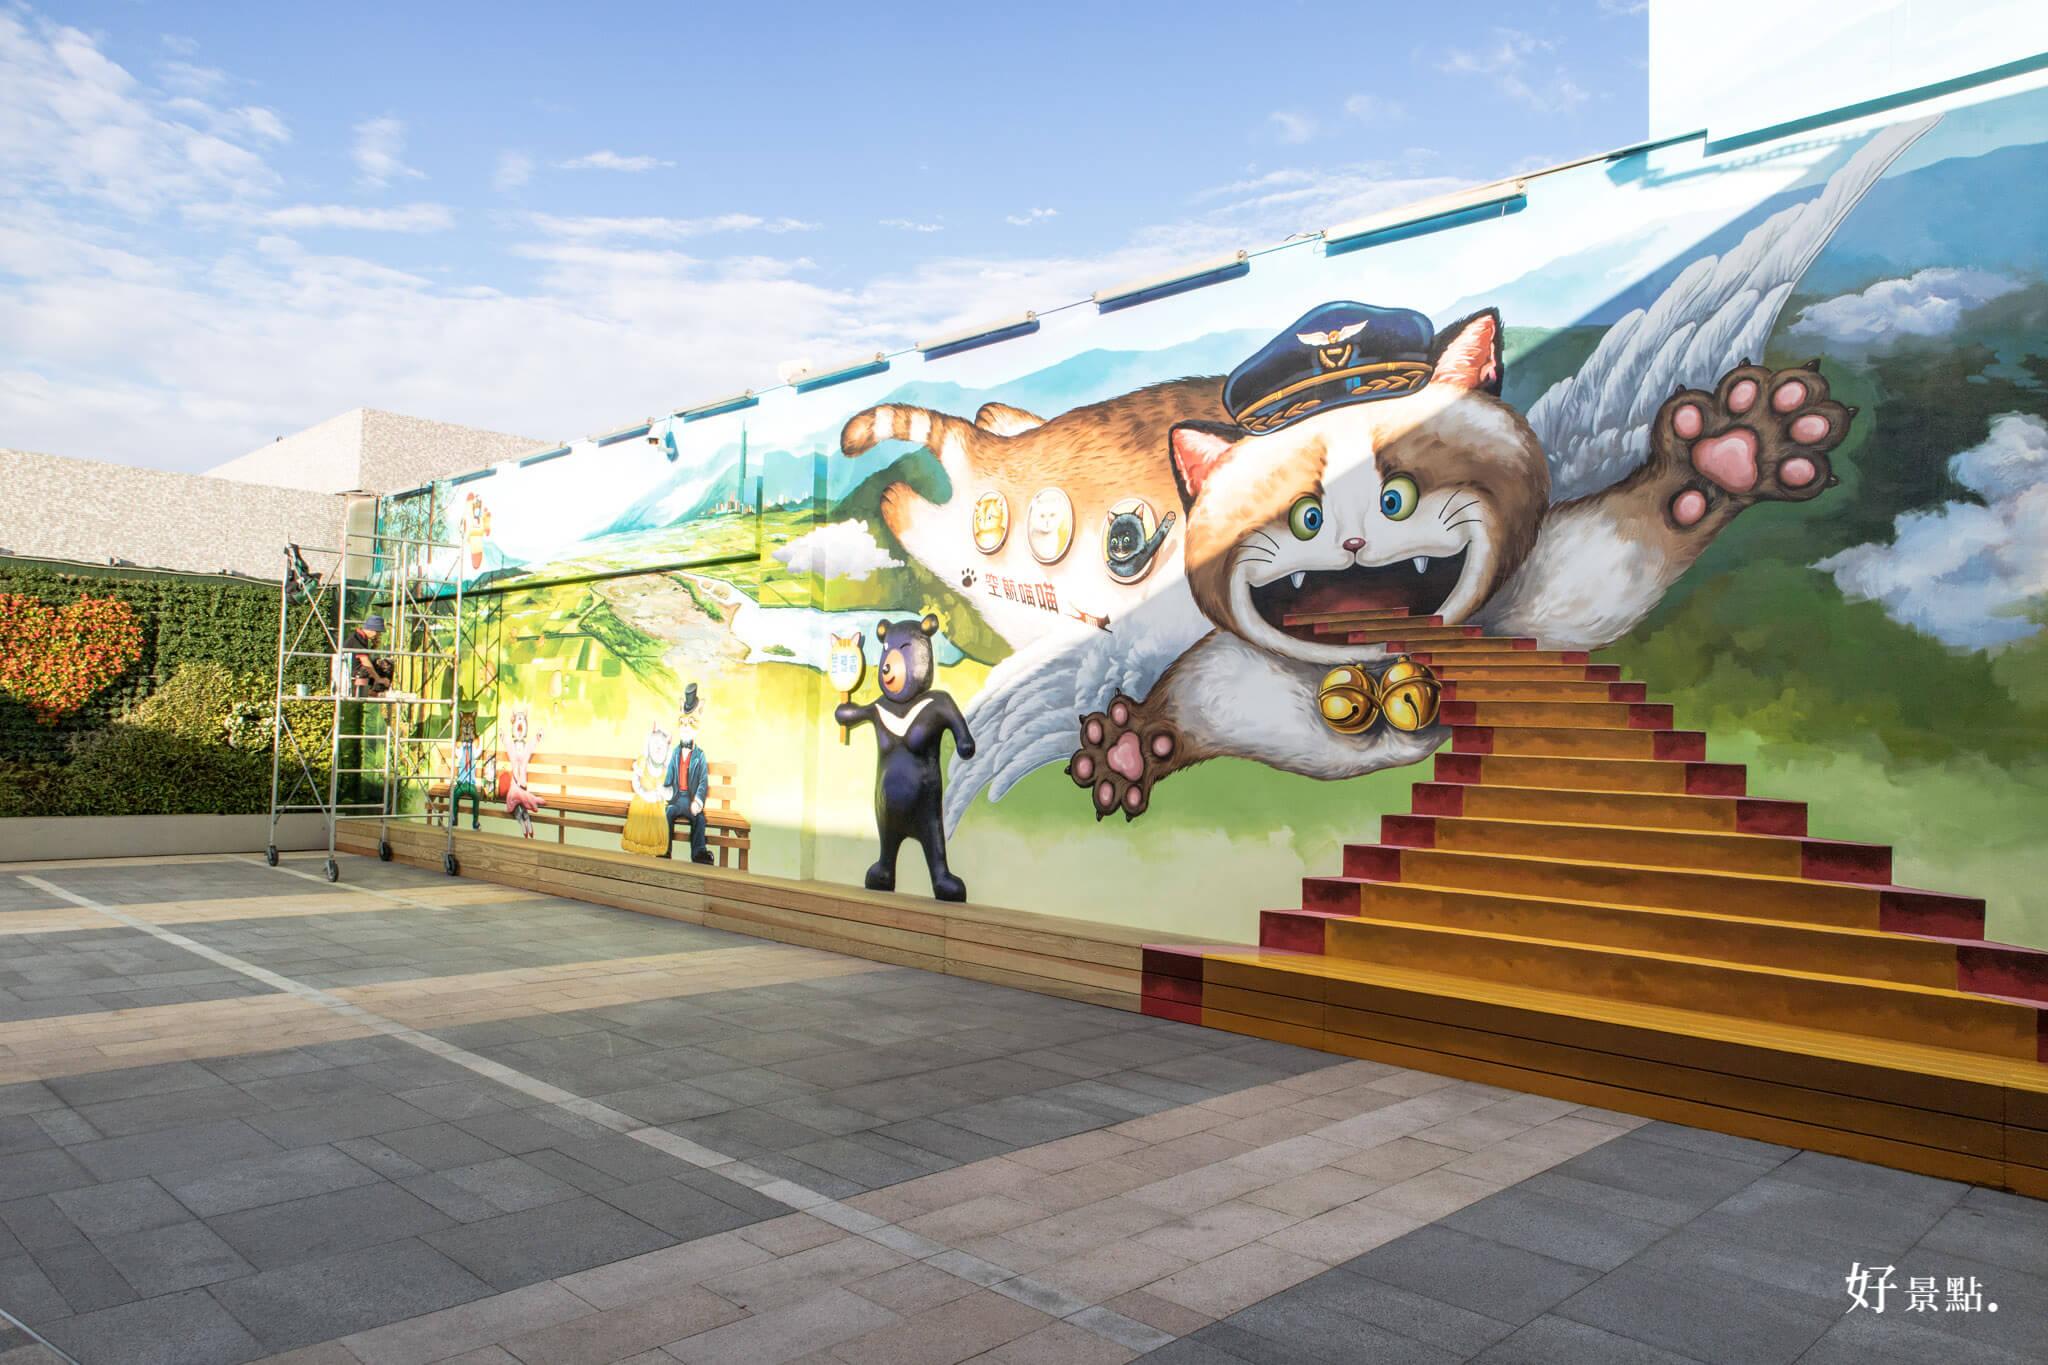 松山機場觀景台3D彩繪牆